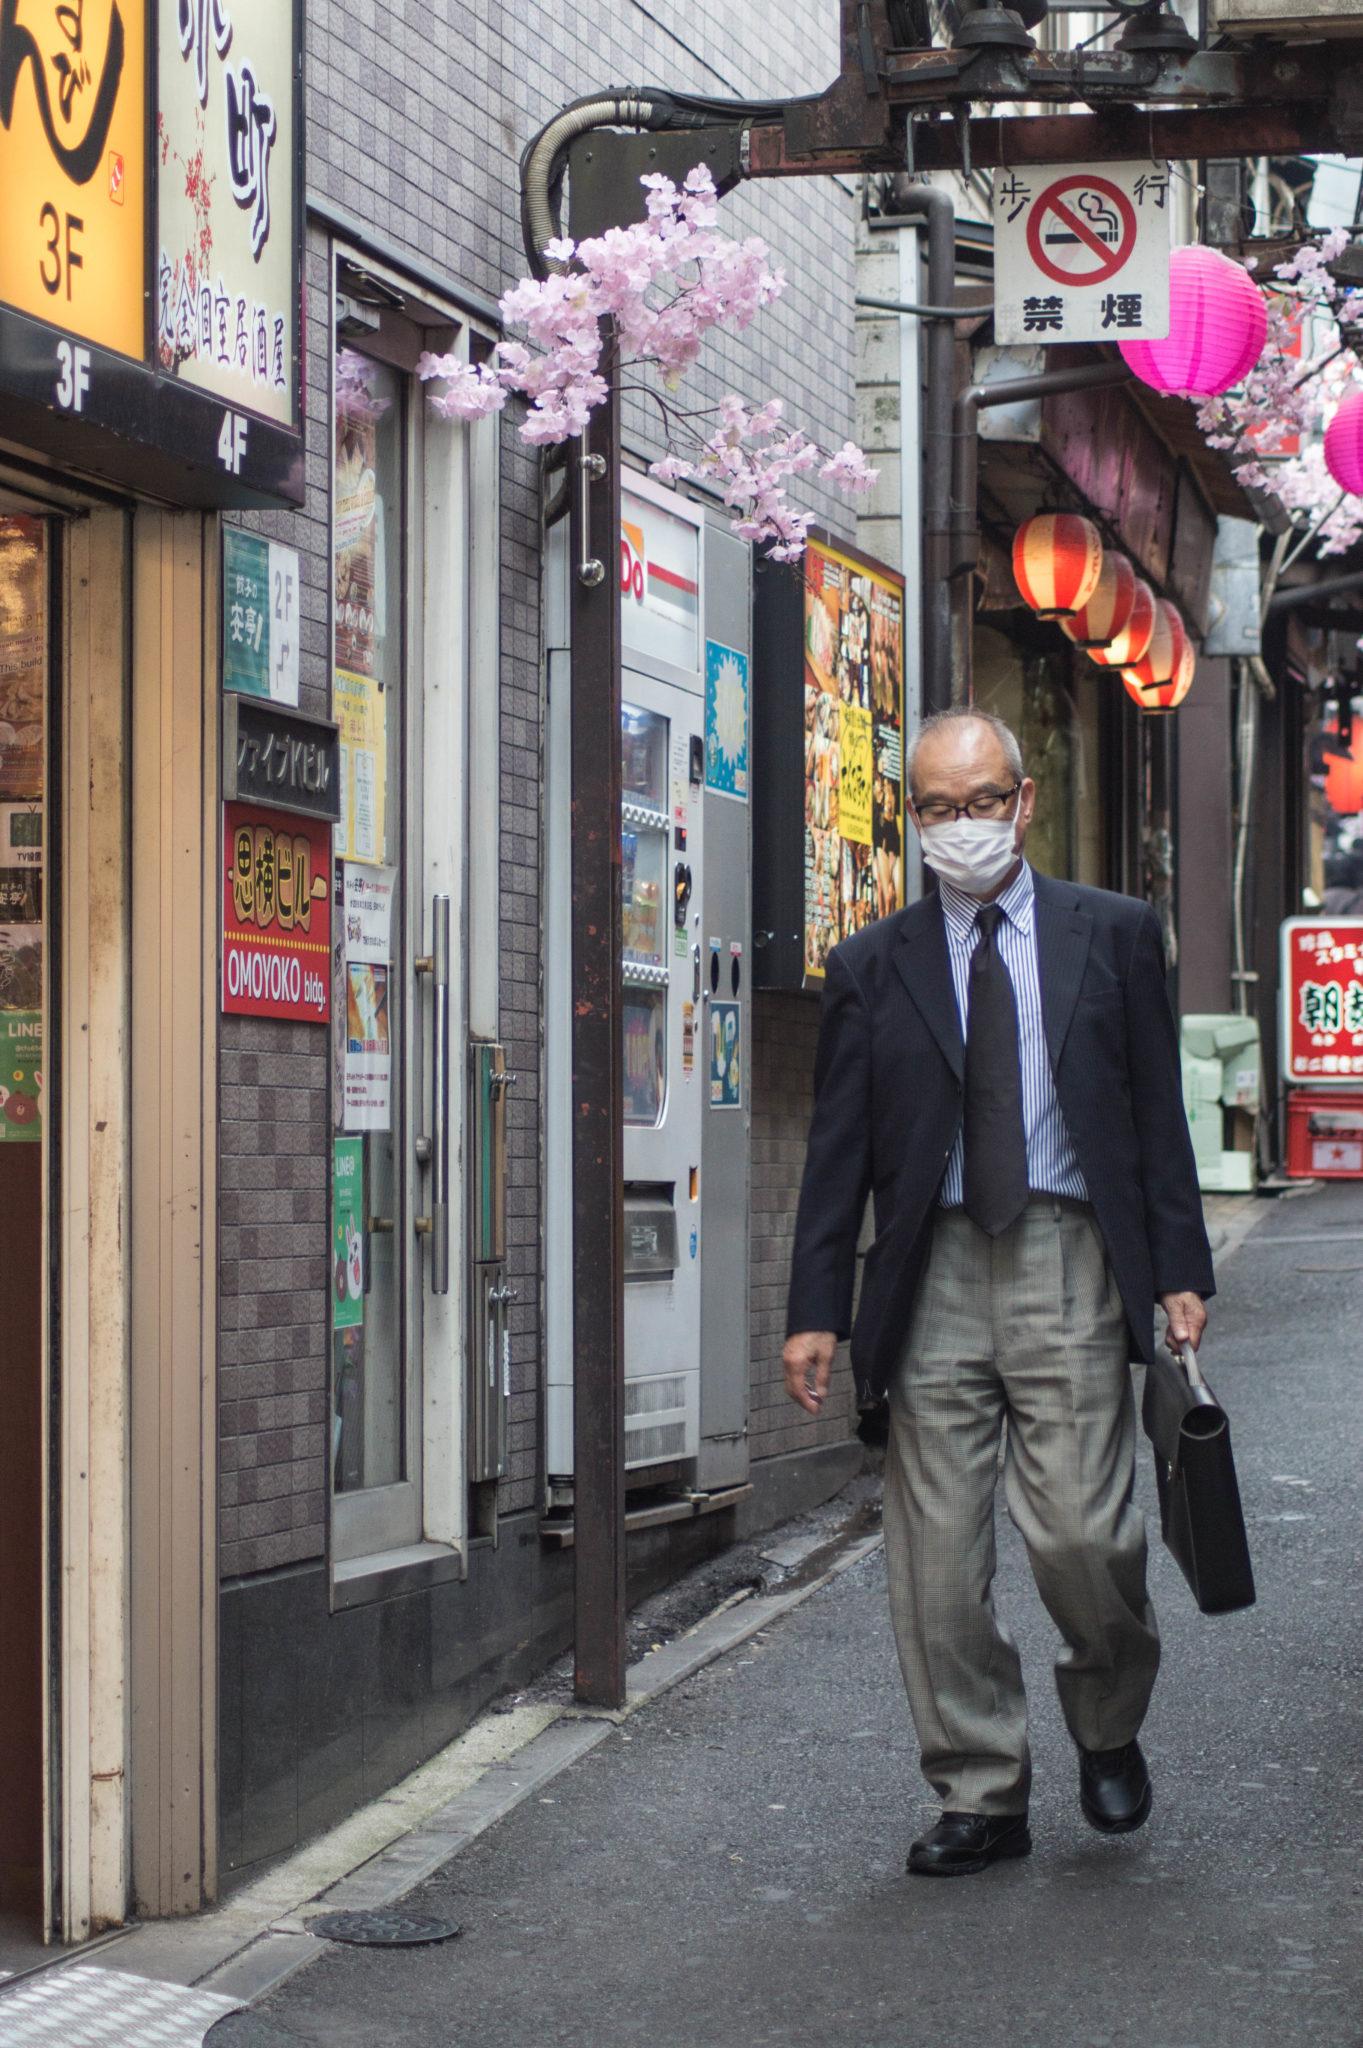 Mundschutz in Japan zu tragen ist ganz normal und gilt einzig dem Schutz vor herumfliegenden Viren.